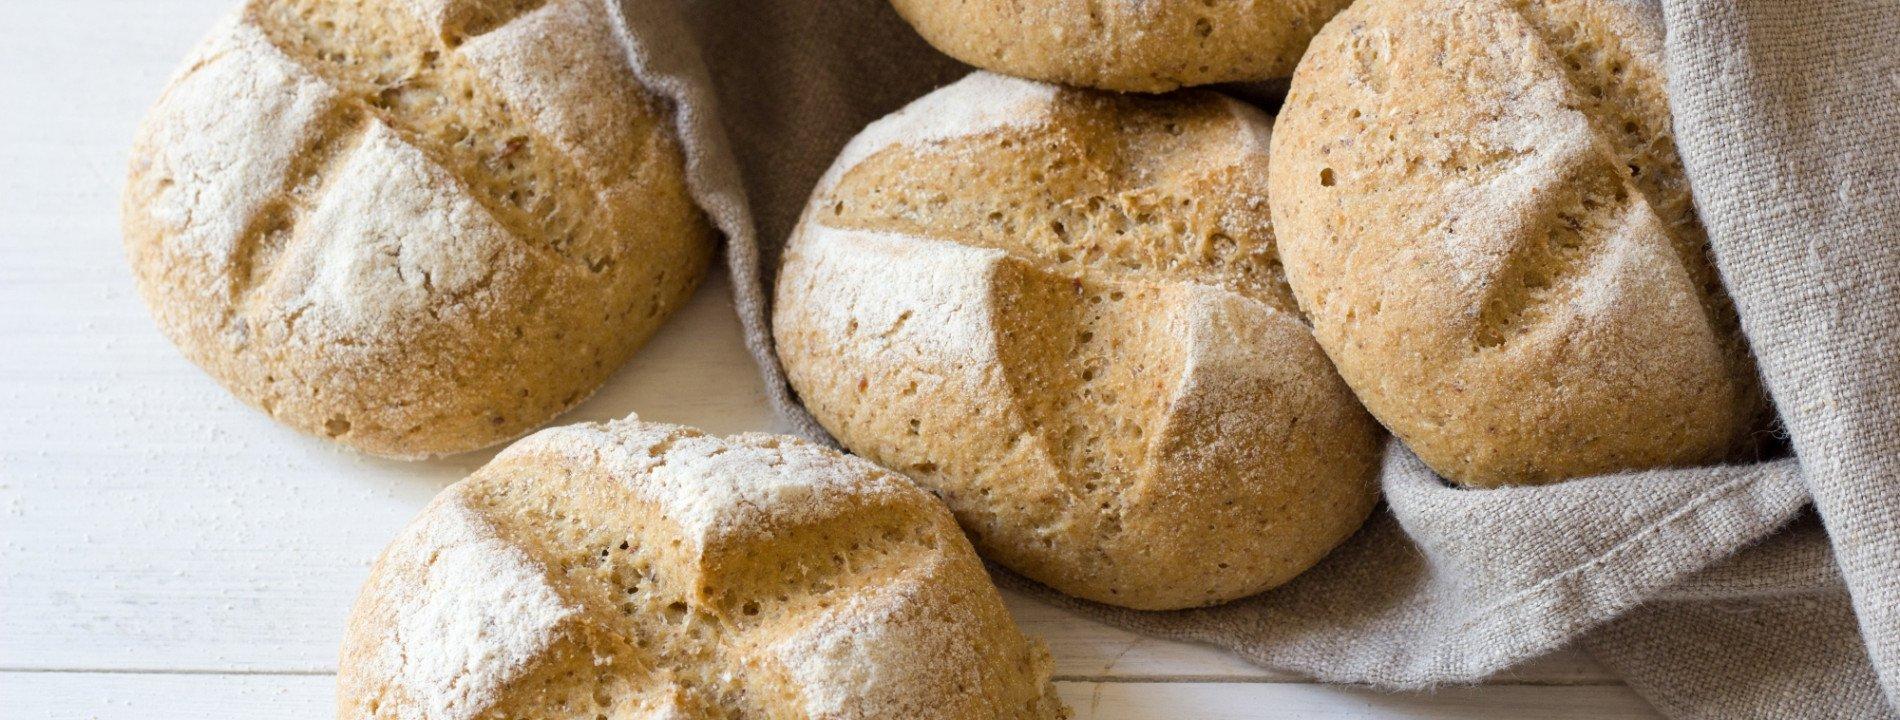 The World's Best Gluten Free Bread